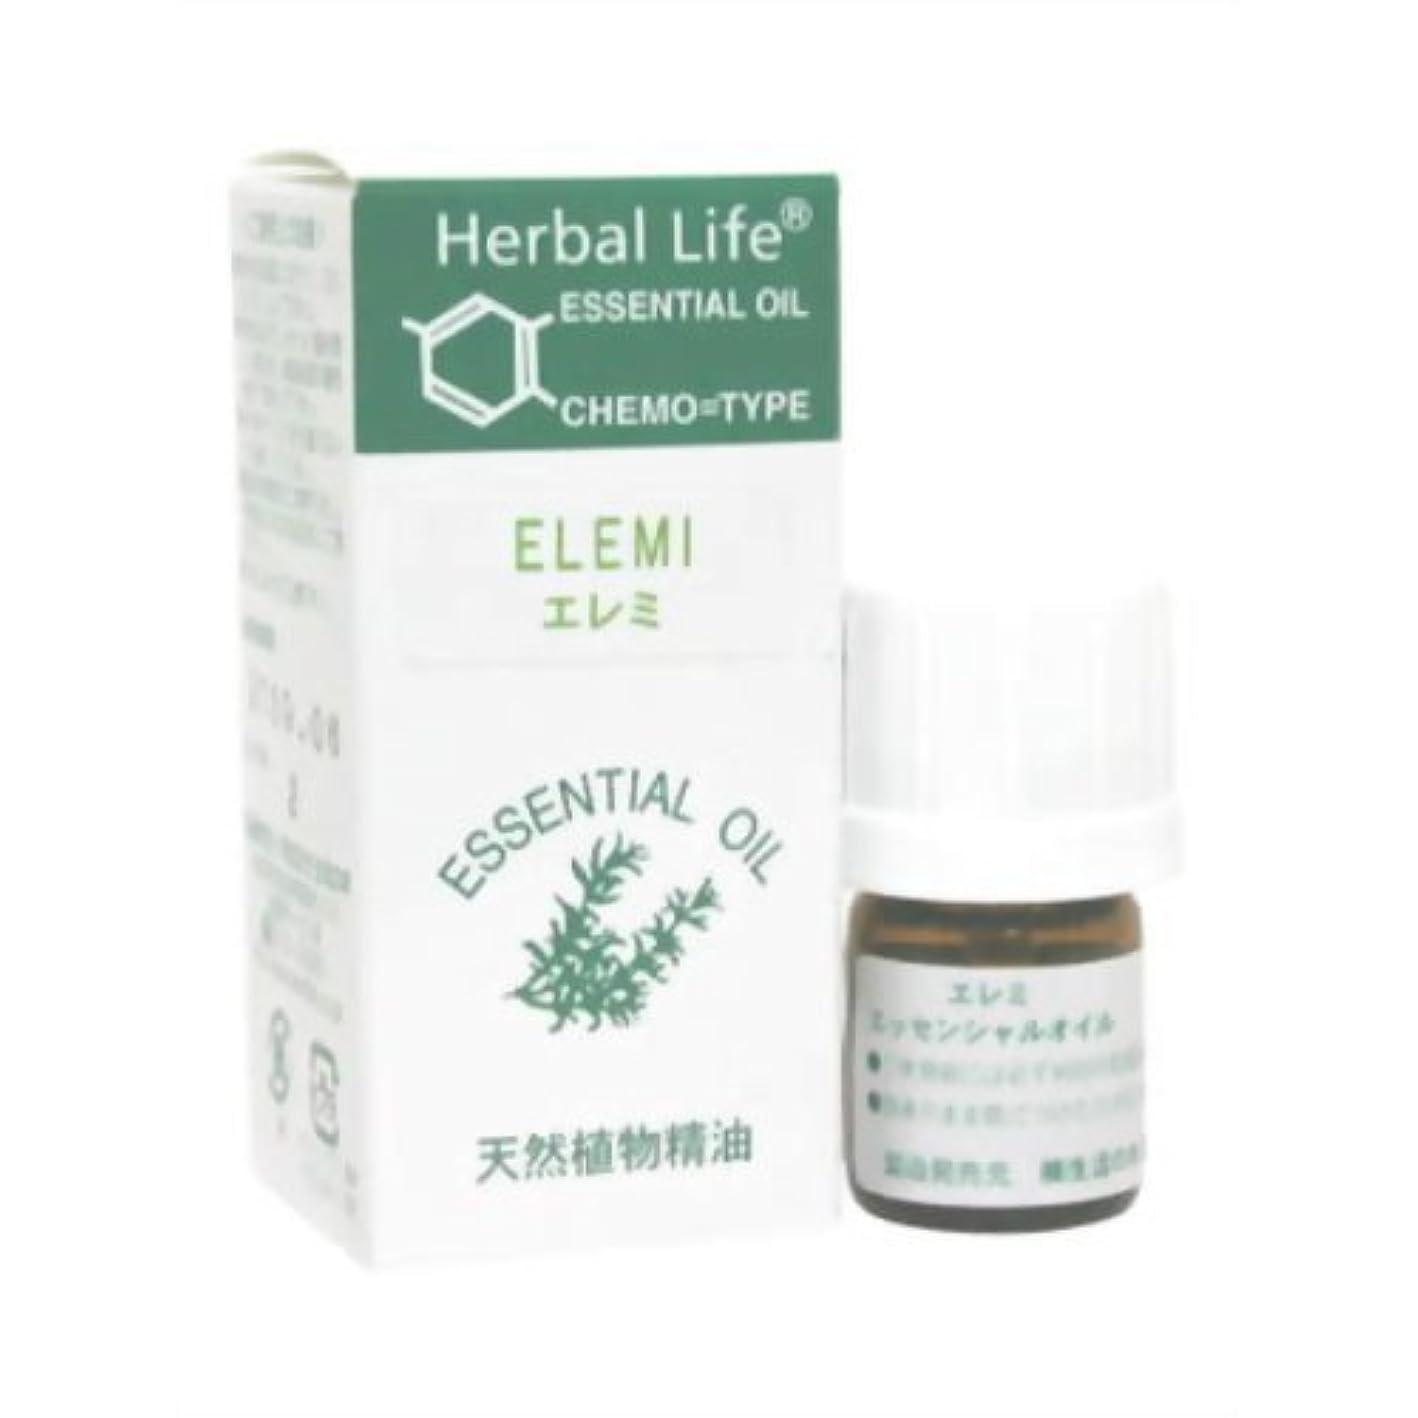 危険なる風刺生活の木 Herbal Life エレミ 3ml